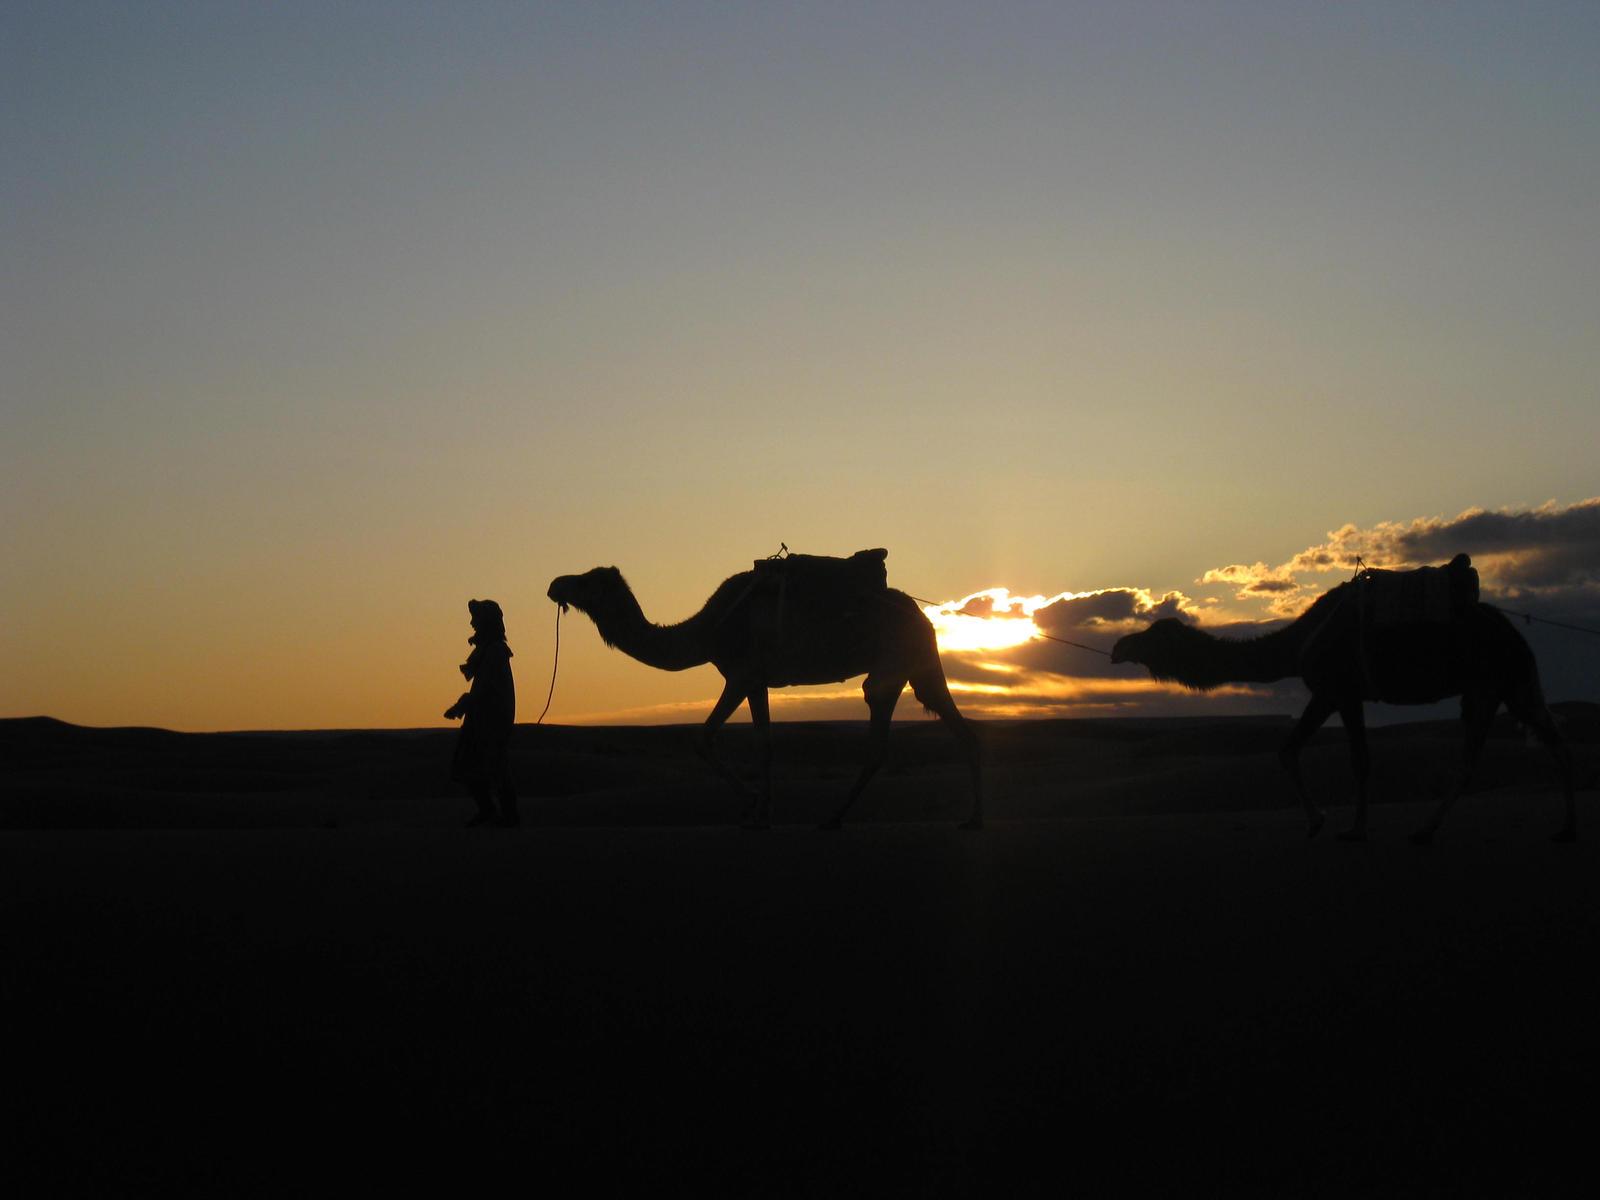 Desert Caravan by roxy-z on DeviantArt